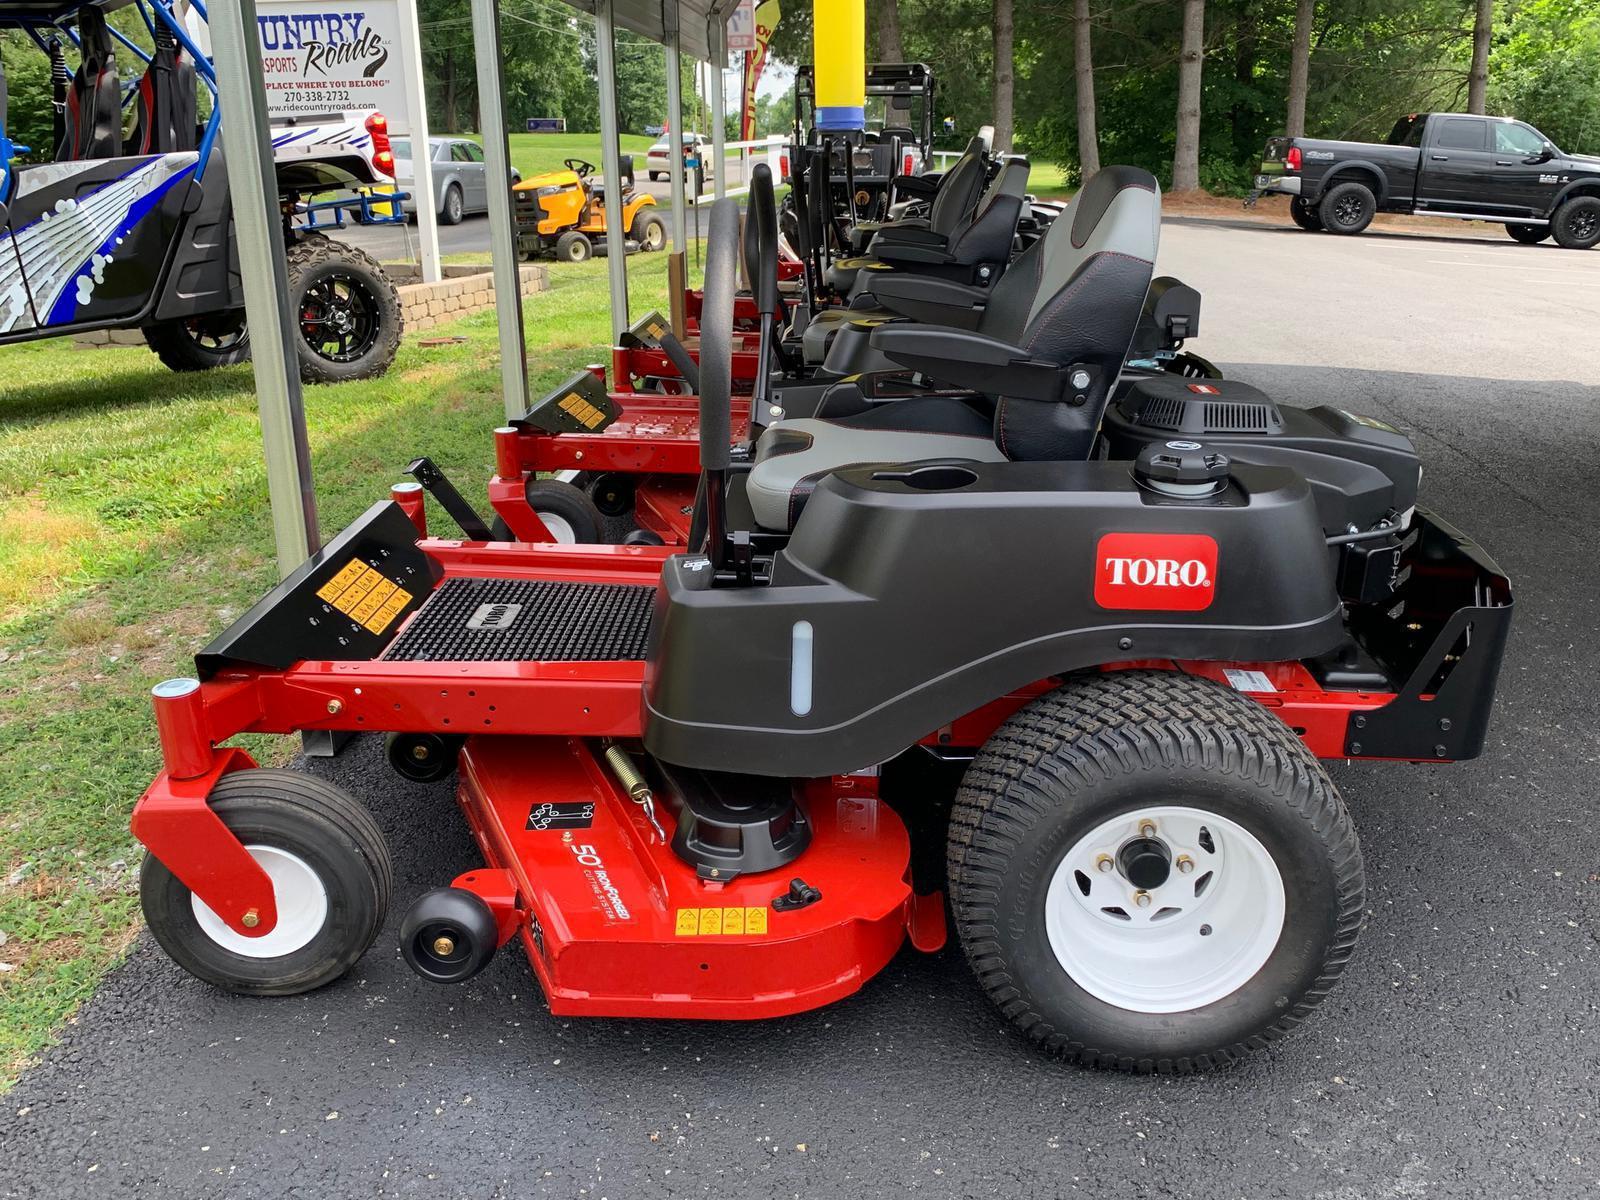 Toro TimeCutter MX5050 50 in  Zero Turn Mower